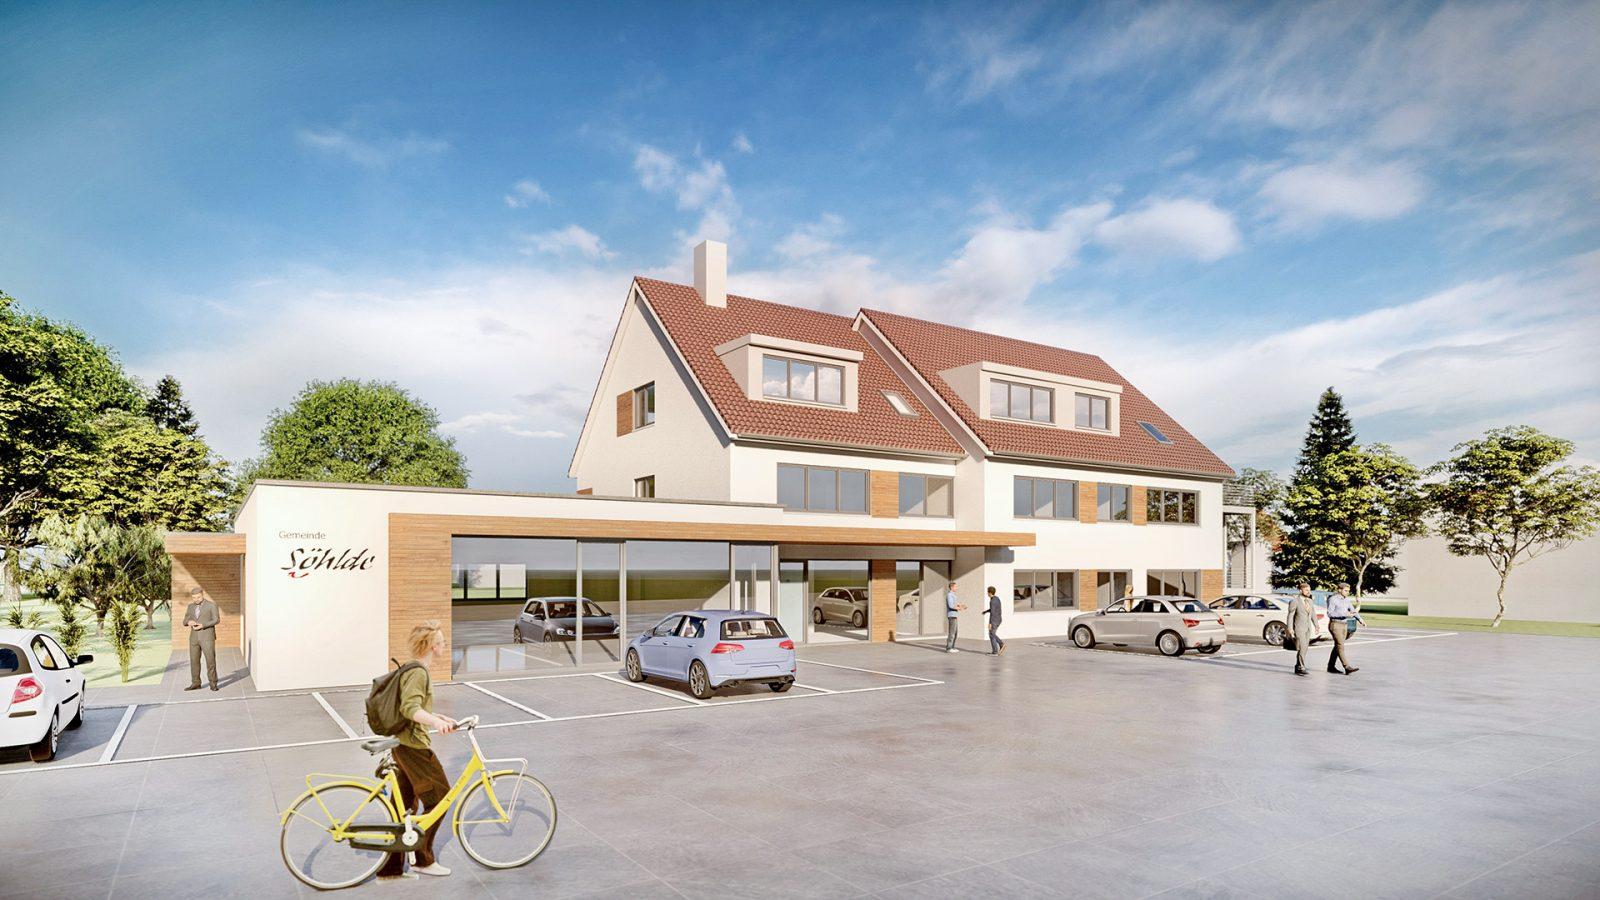 Umbau und Erweiterung Rathaus Söhlde | JUNG - Architekturbüro, Innenarchitekturbüro Hildesheim